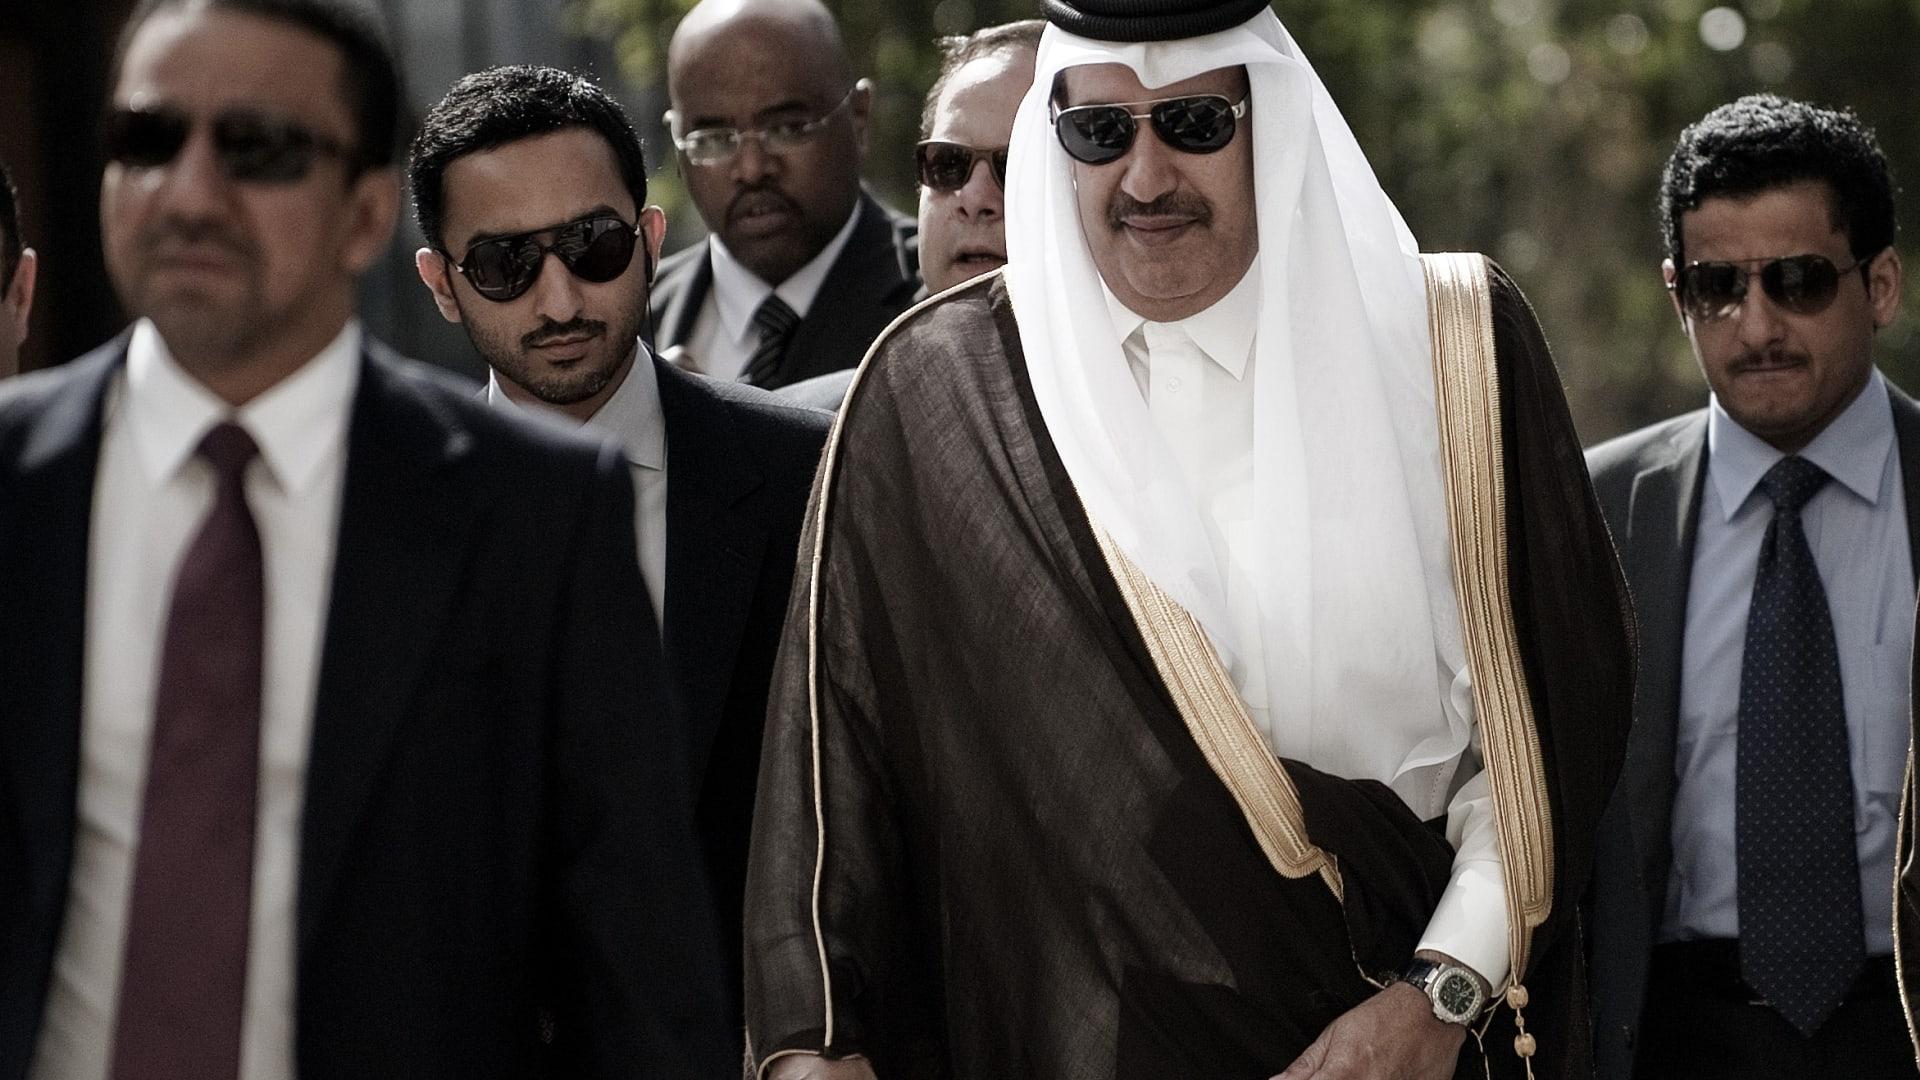 رئيس وزراء قطر السابق لـCNN: على السعودية النظر إلينا كشقيق أصغر